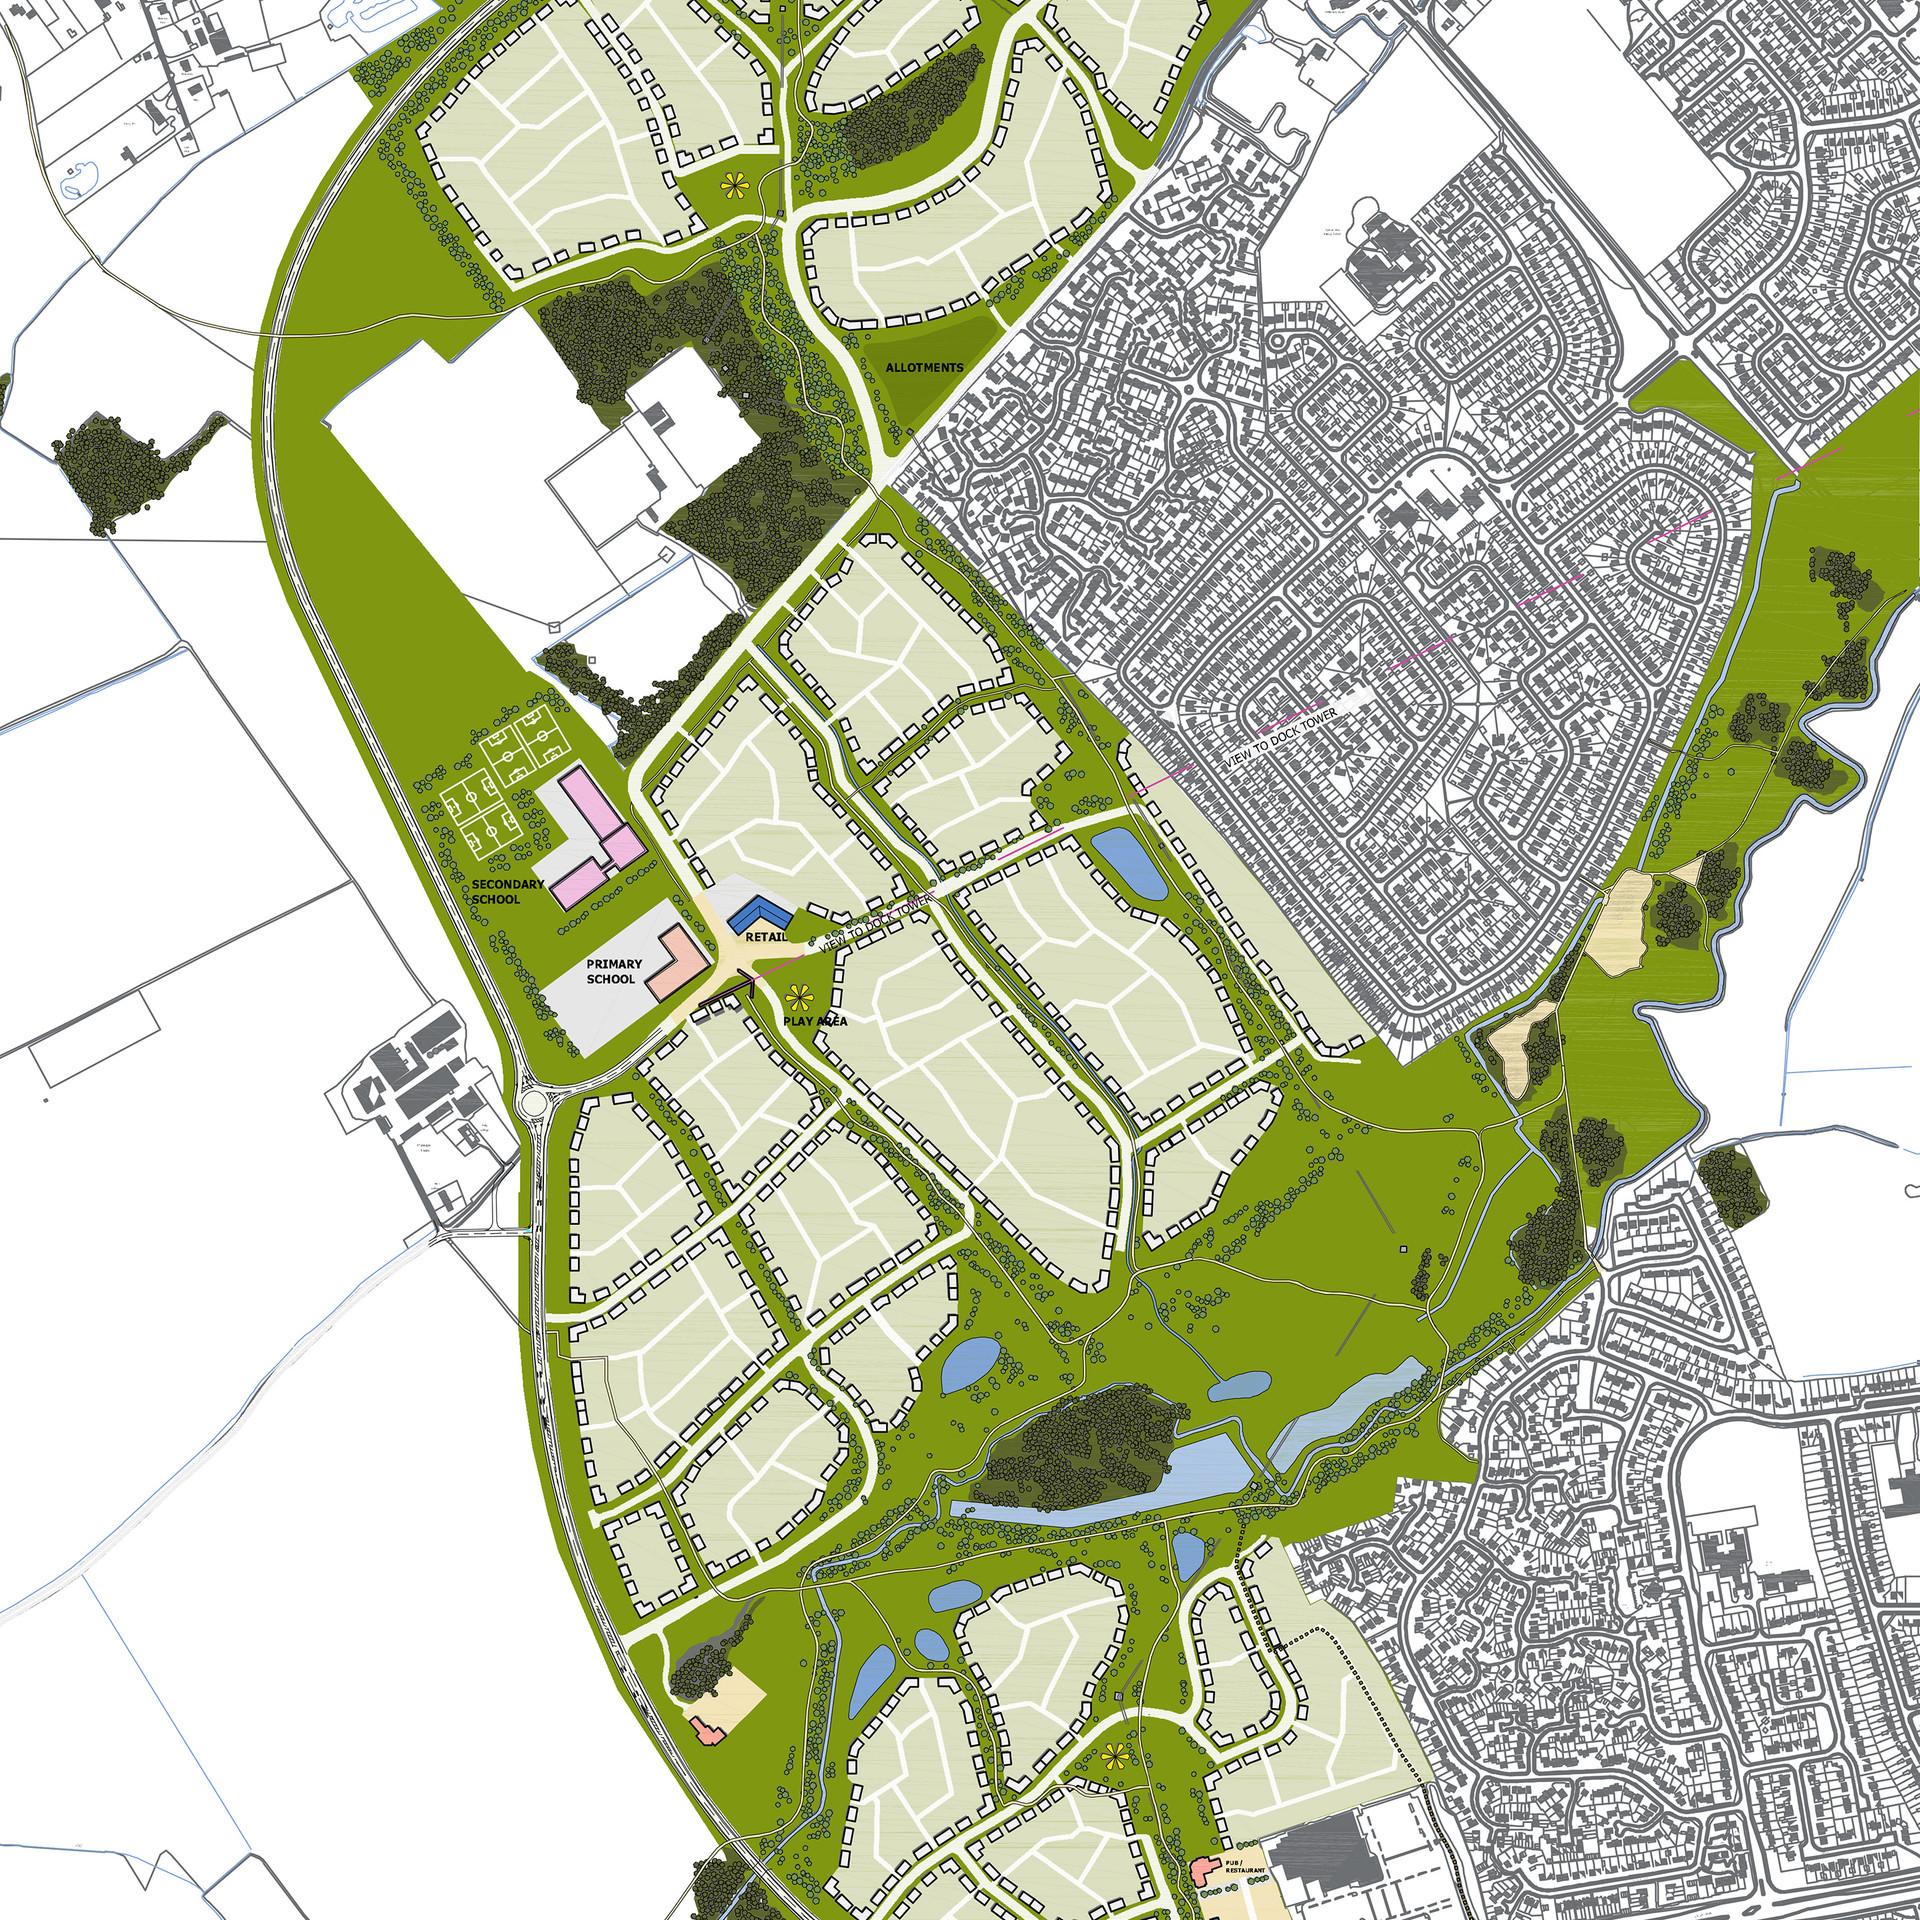 Grimsby urban extension green infrastructure masterplan